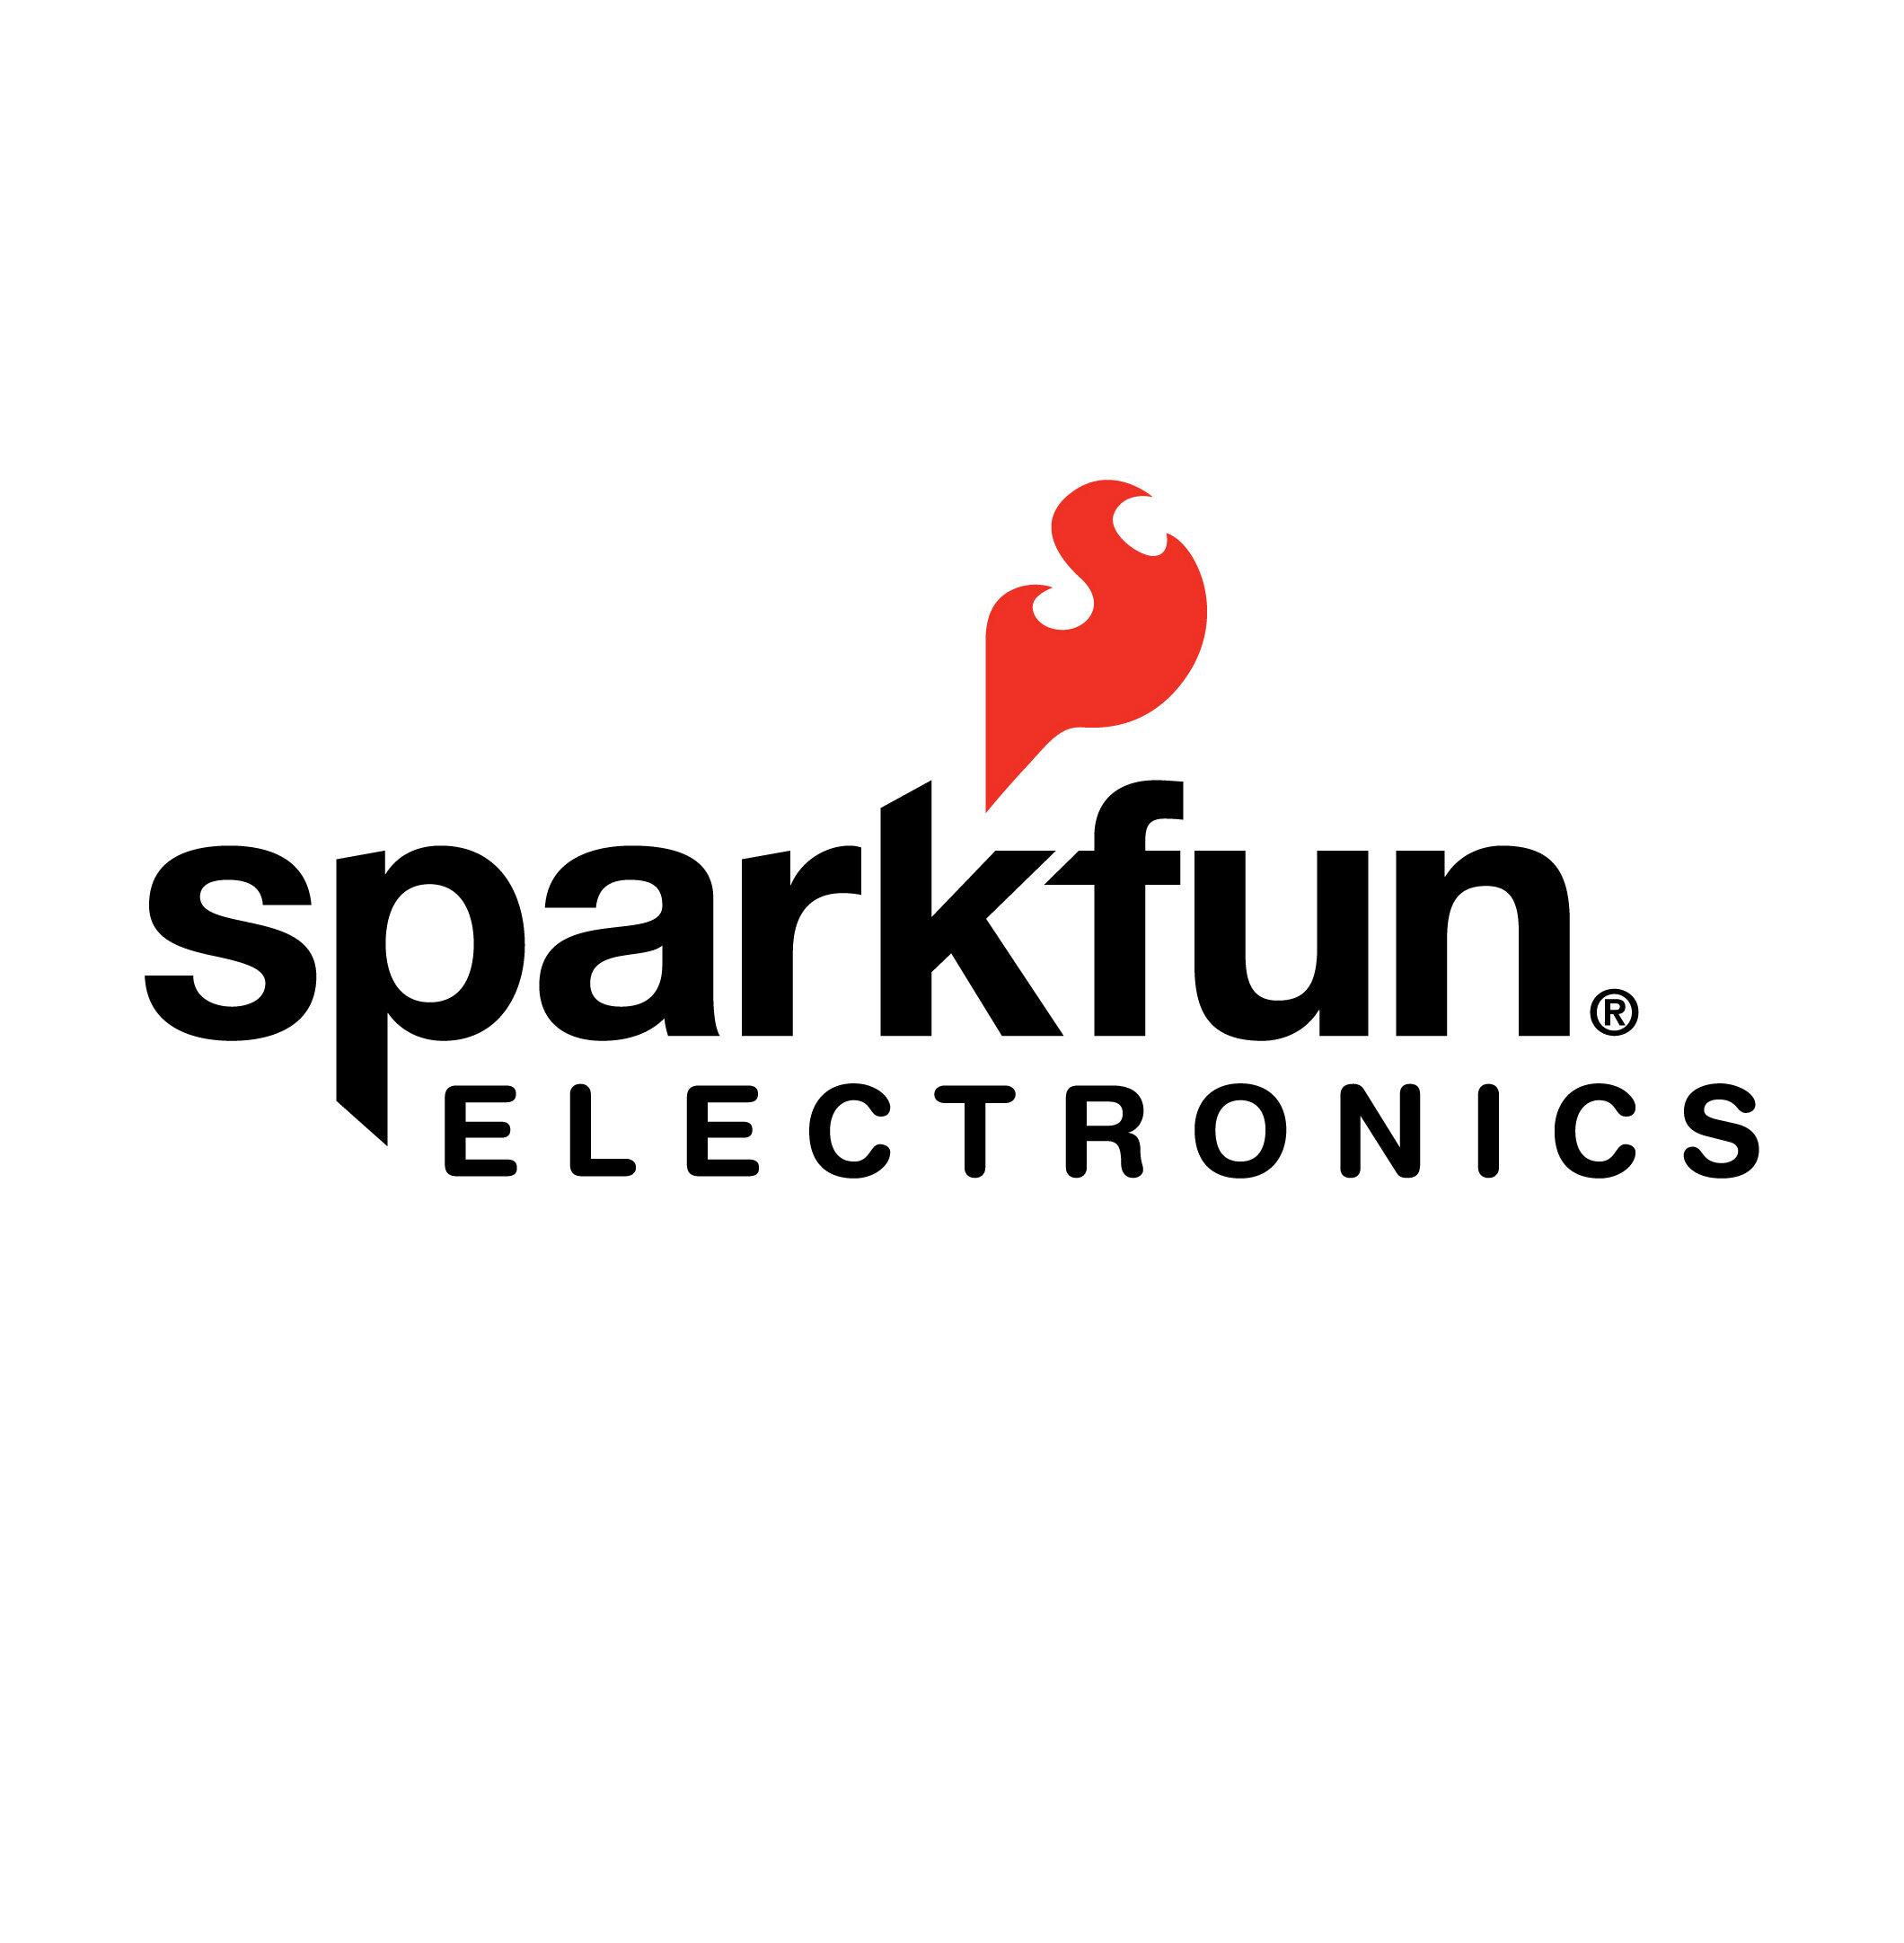 SF-Logo-2C-PC-®SparkFun.jpg